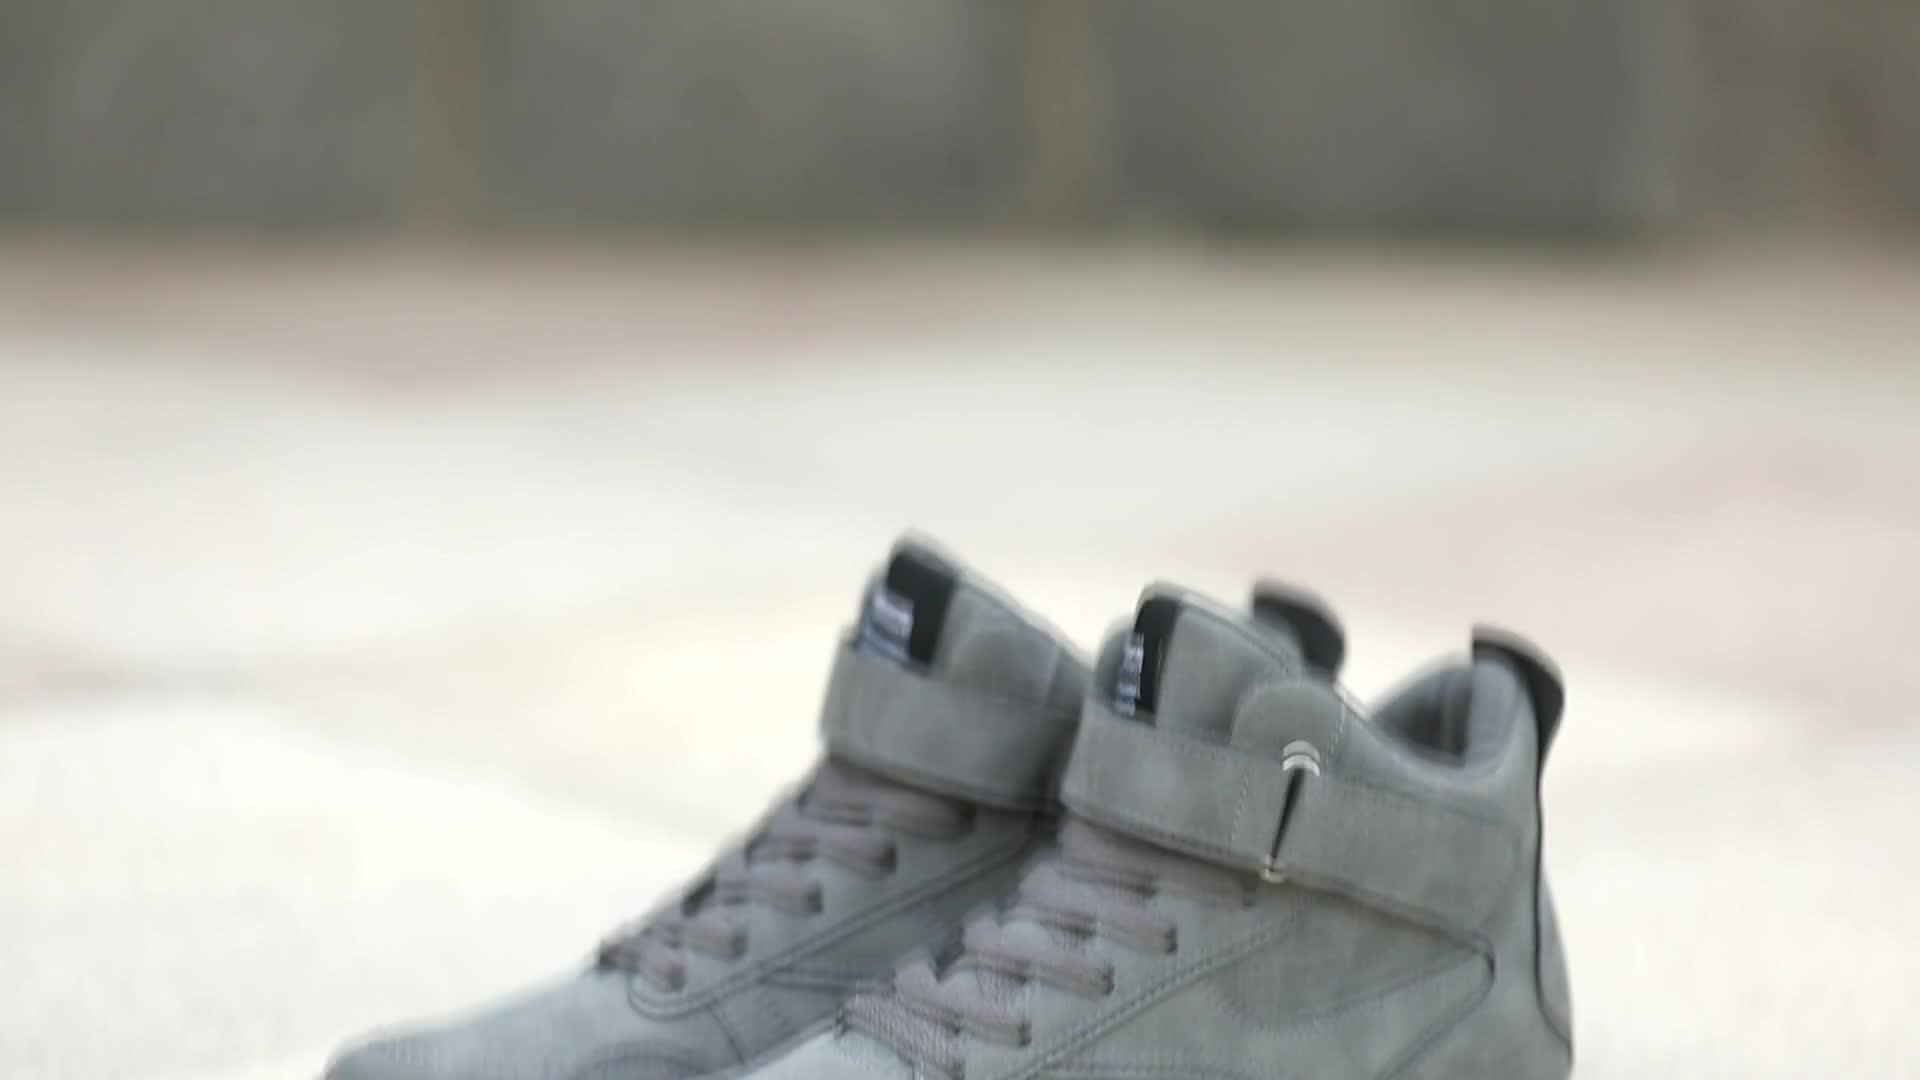 2019 beliebte High Neck Dicken Boden Skate Schuhe Für Männer Vintage Leder Casual Sport Schuhe männer Mode Turnschuhe K618